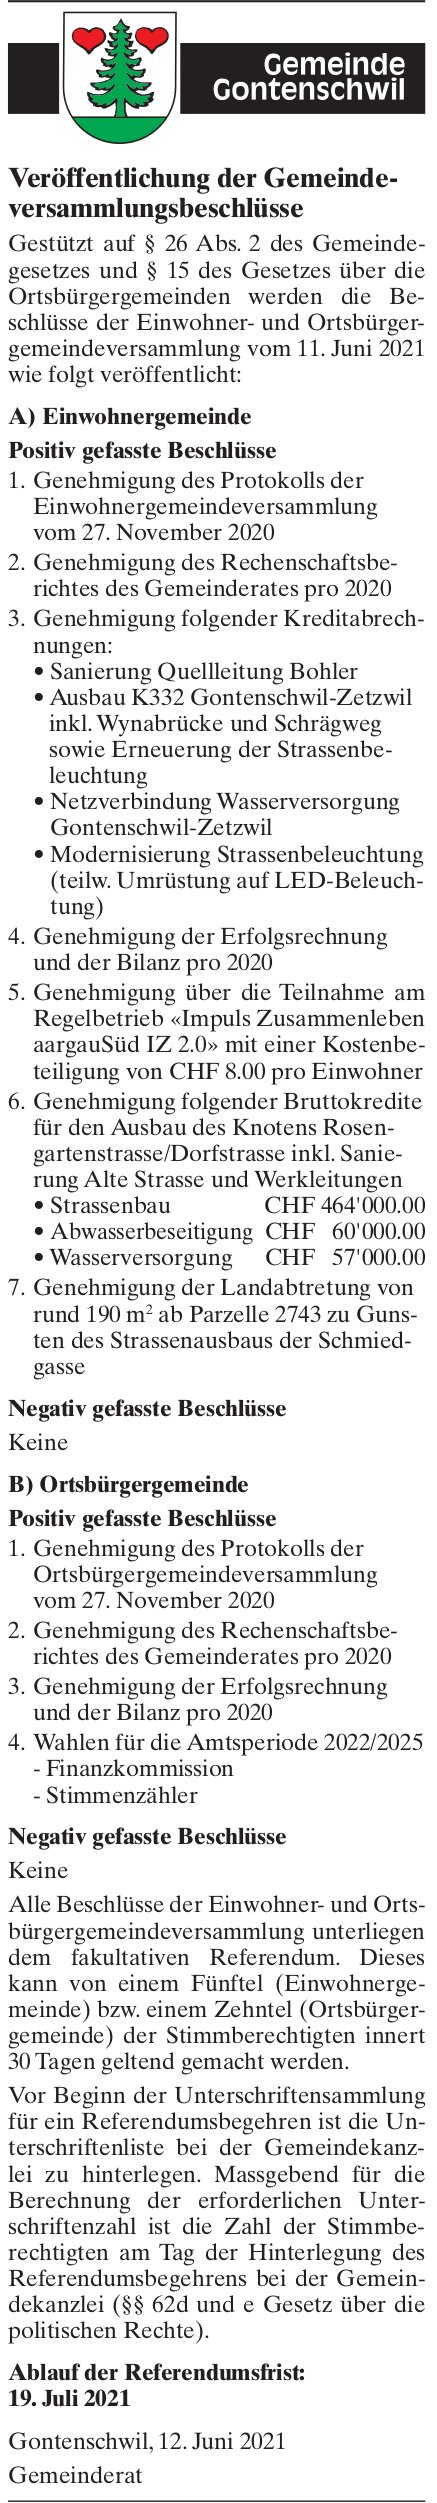 Gontenschwil - Veröffentlichung der Gemeindeversammlungsbeschlüsse